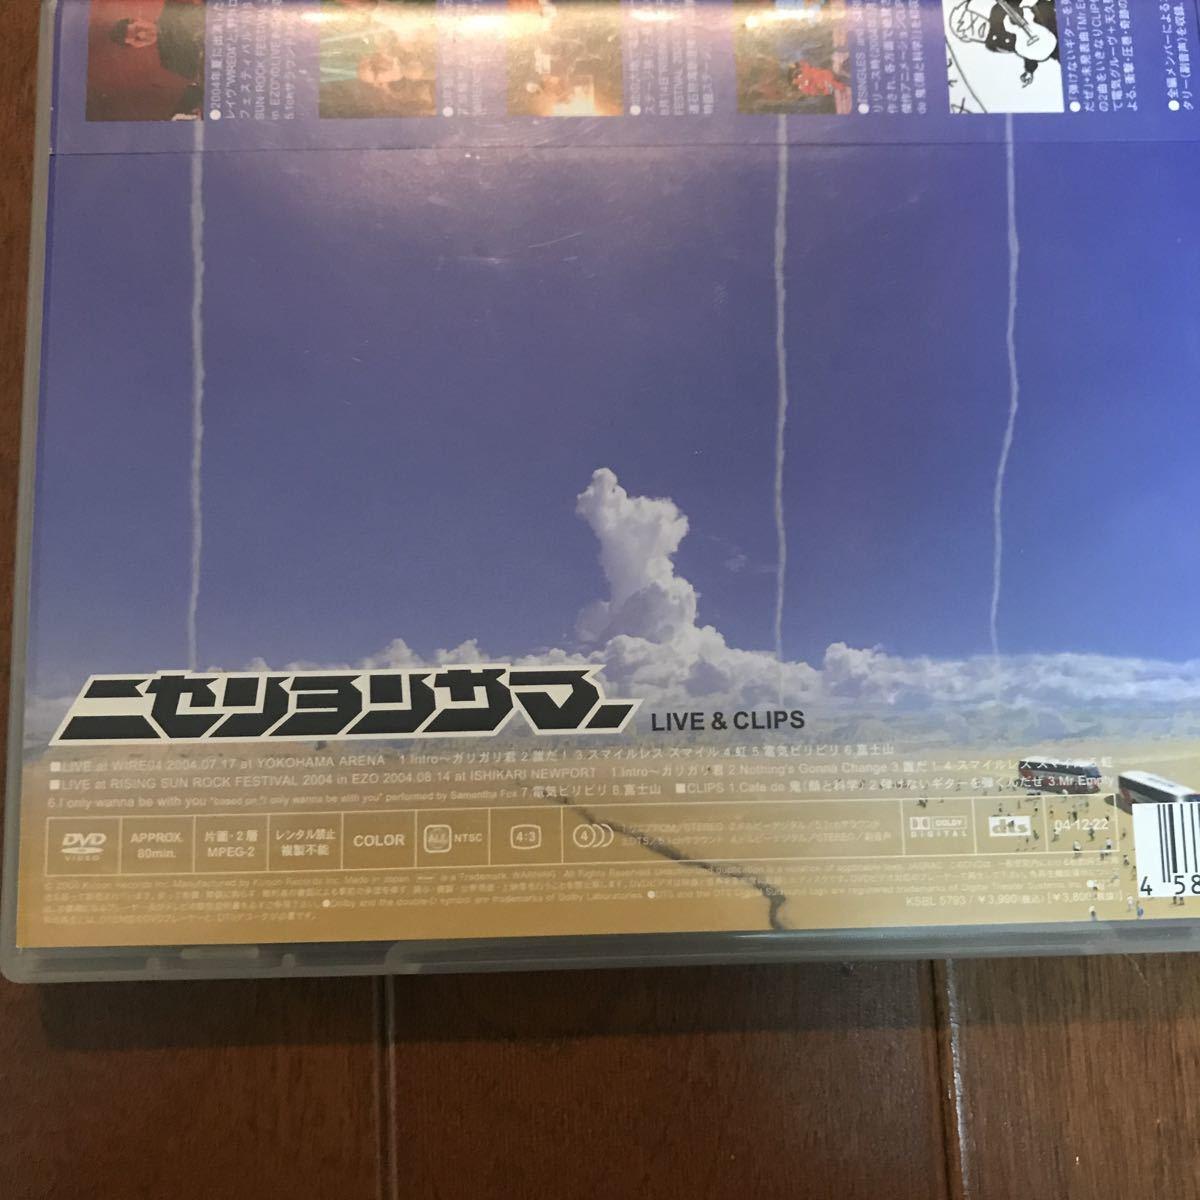 電気グルーヴ DVD 「DENKI GROOVE Live at FUJI ROCK FESTIVAL '06」 「ニセンヨンサマー」「comic牙DELUXE」石野卓球 ピエール瀧 セット_画像4